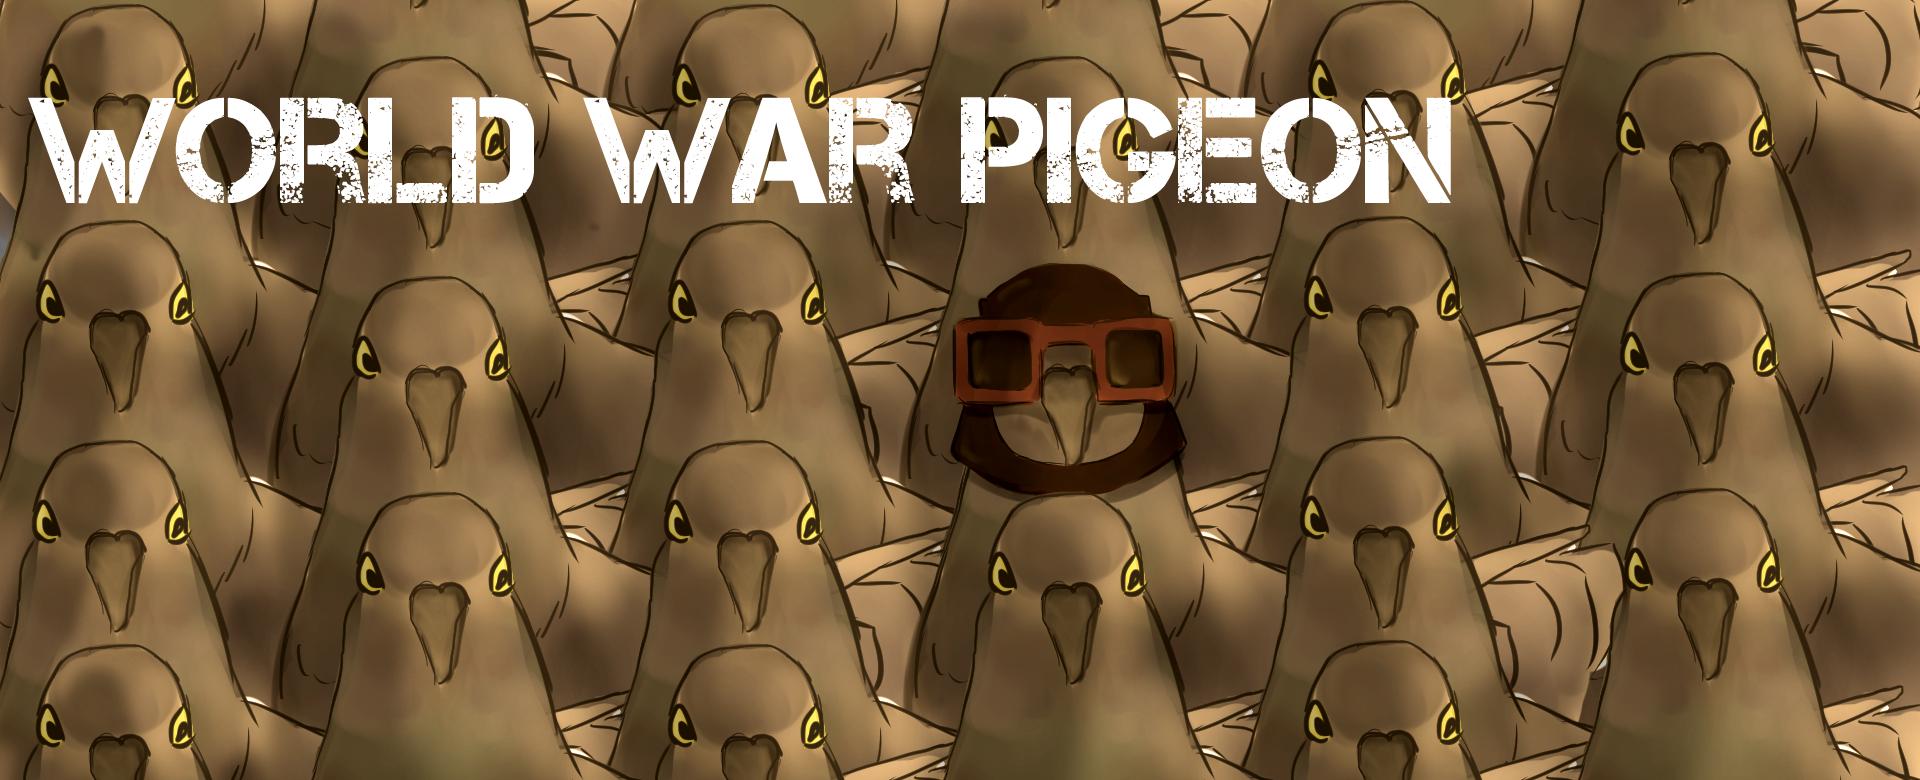 World War Pigeon